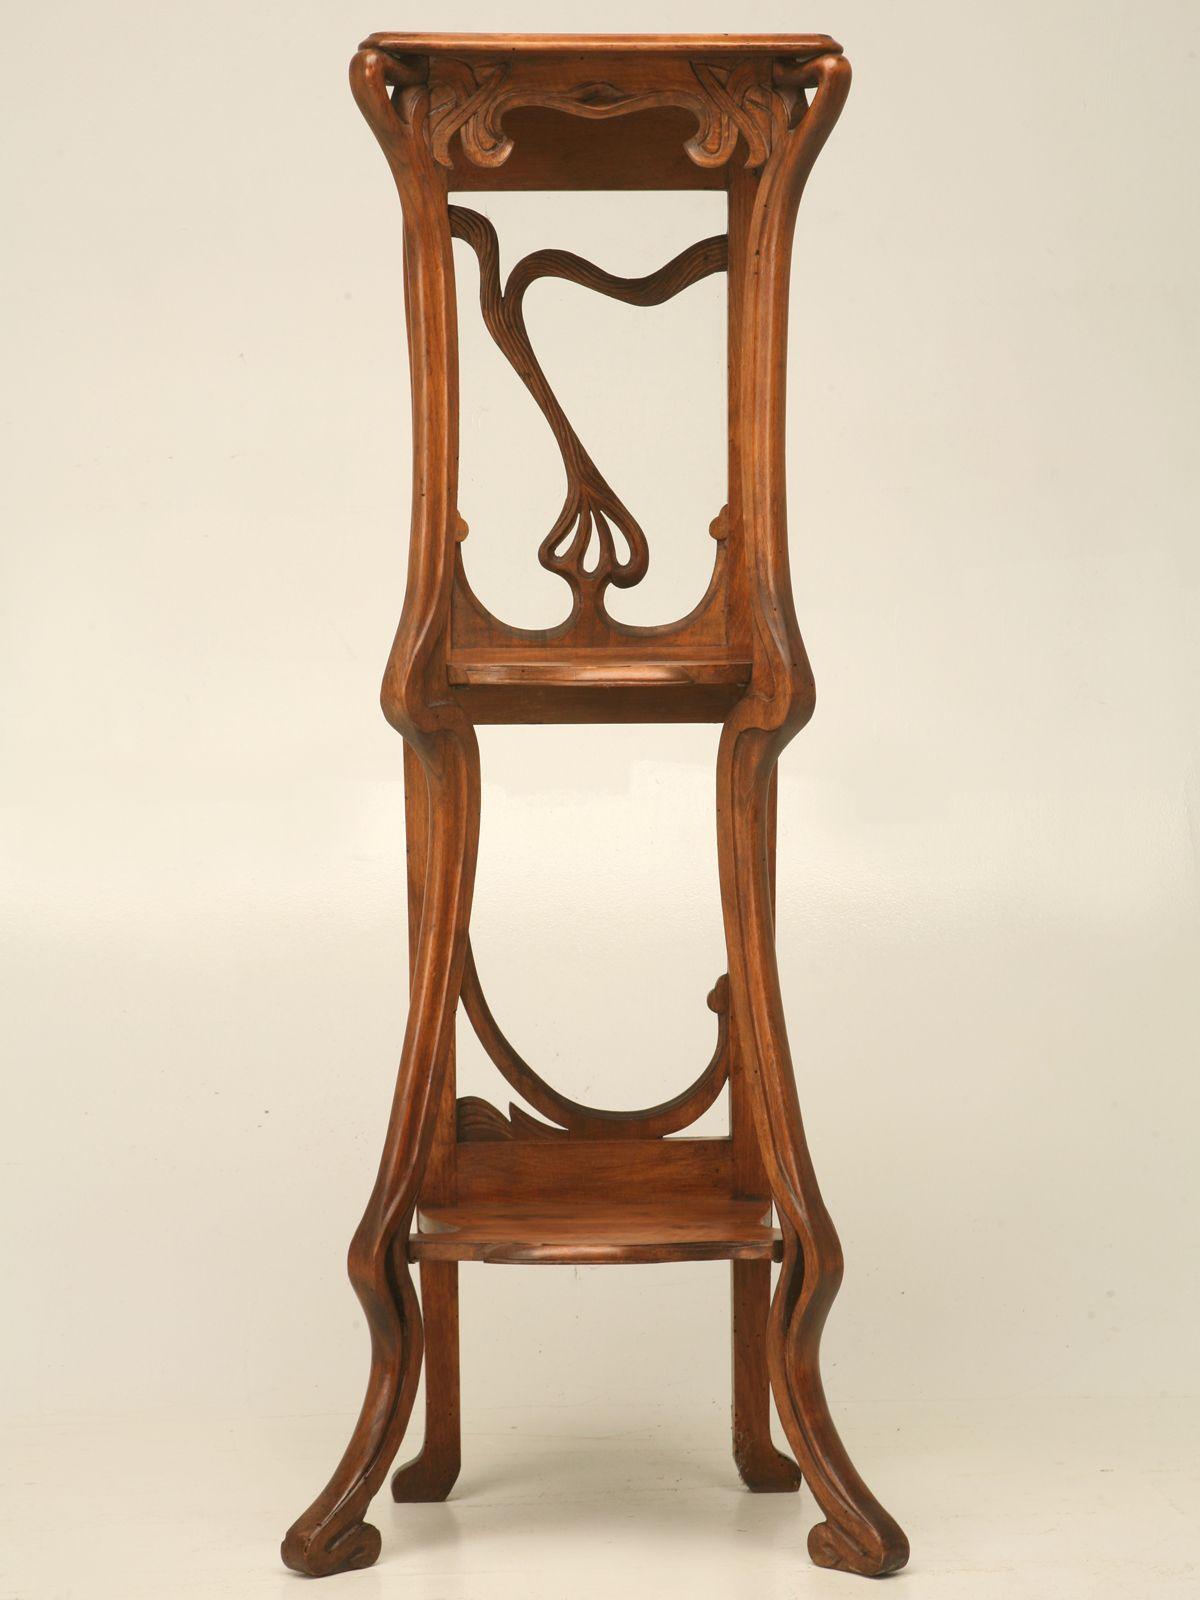 Antique Accessories Home Decorative Accents Old Plank Road Art Nouveau Interior Art Deco Furniture Art Nouveau Furniture